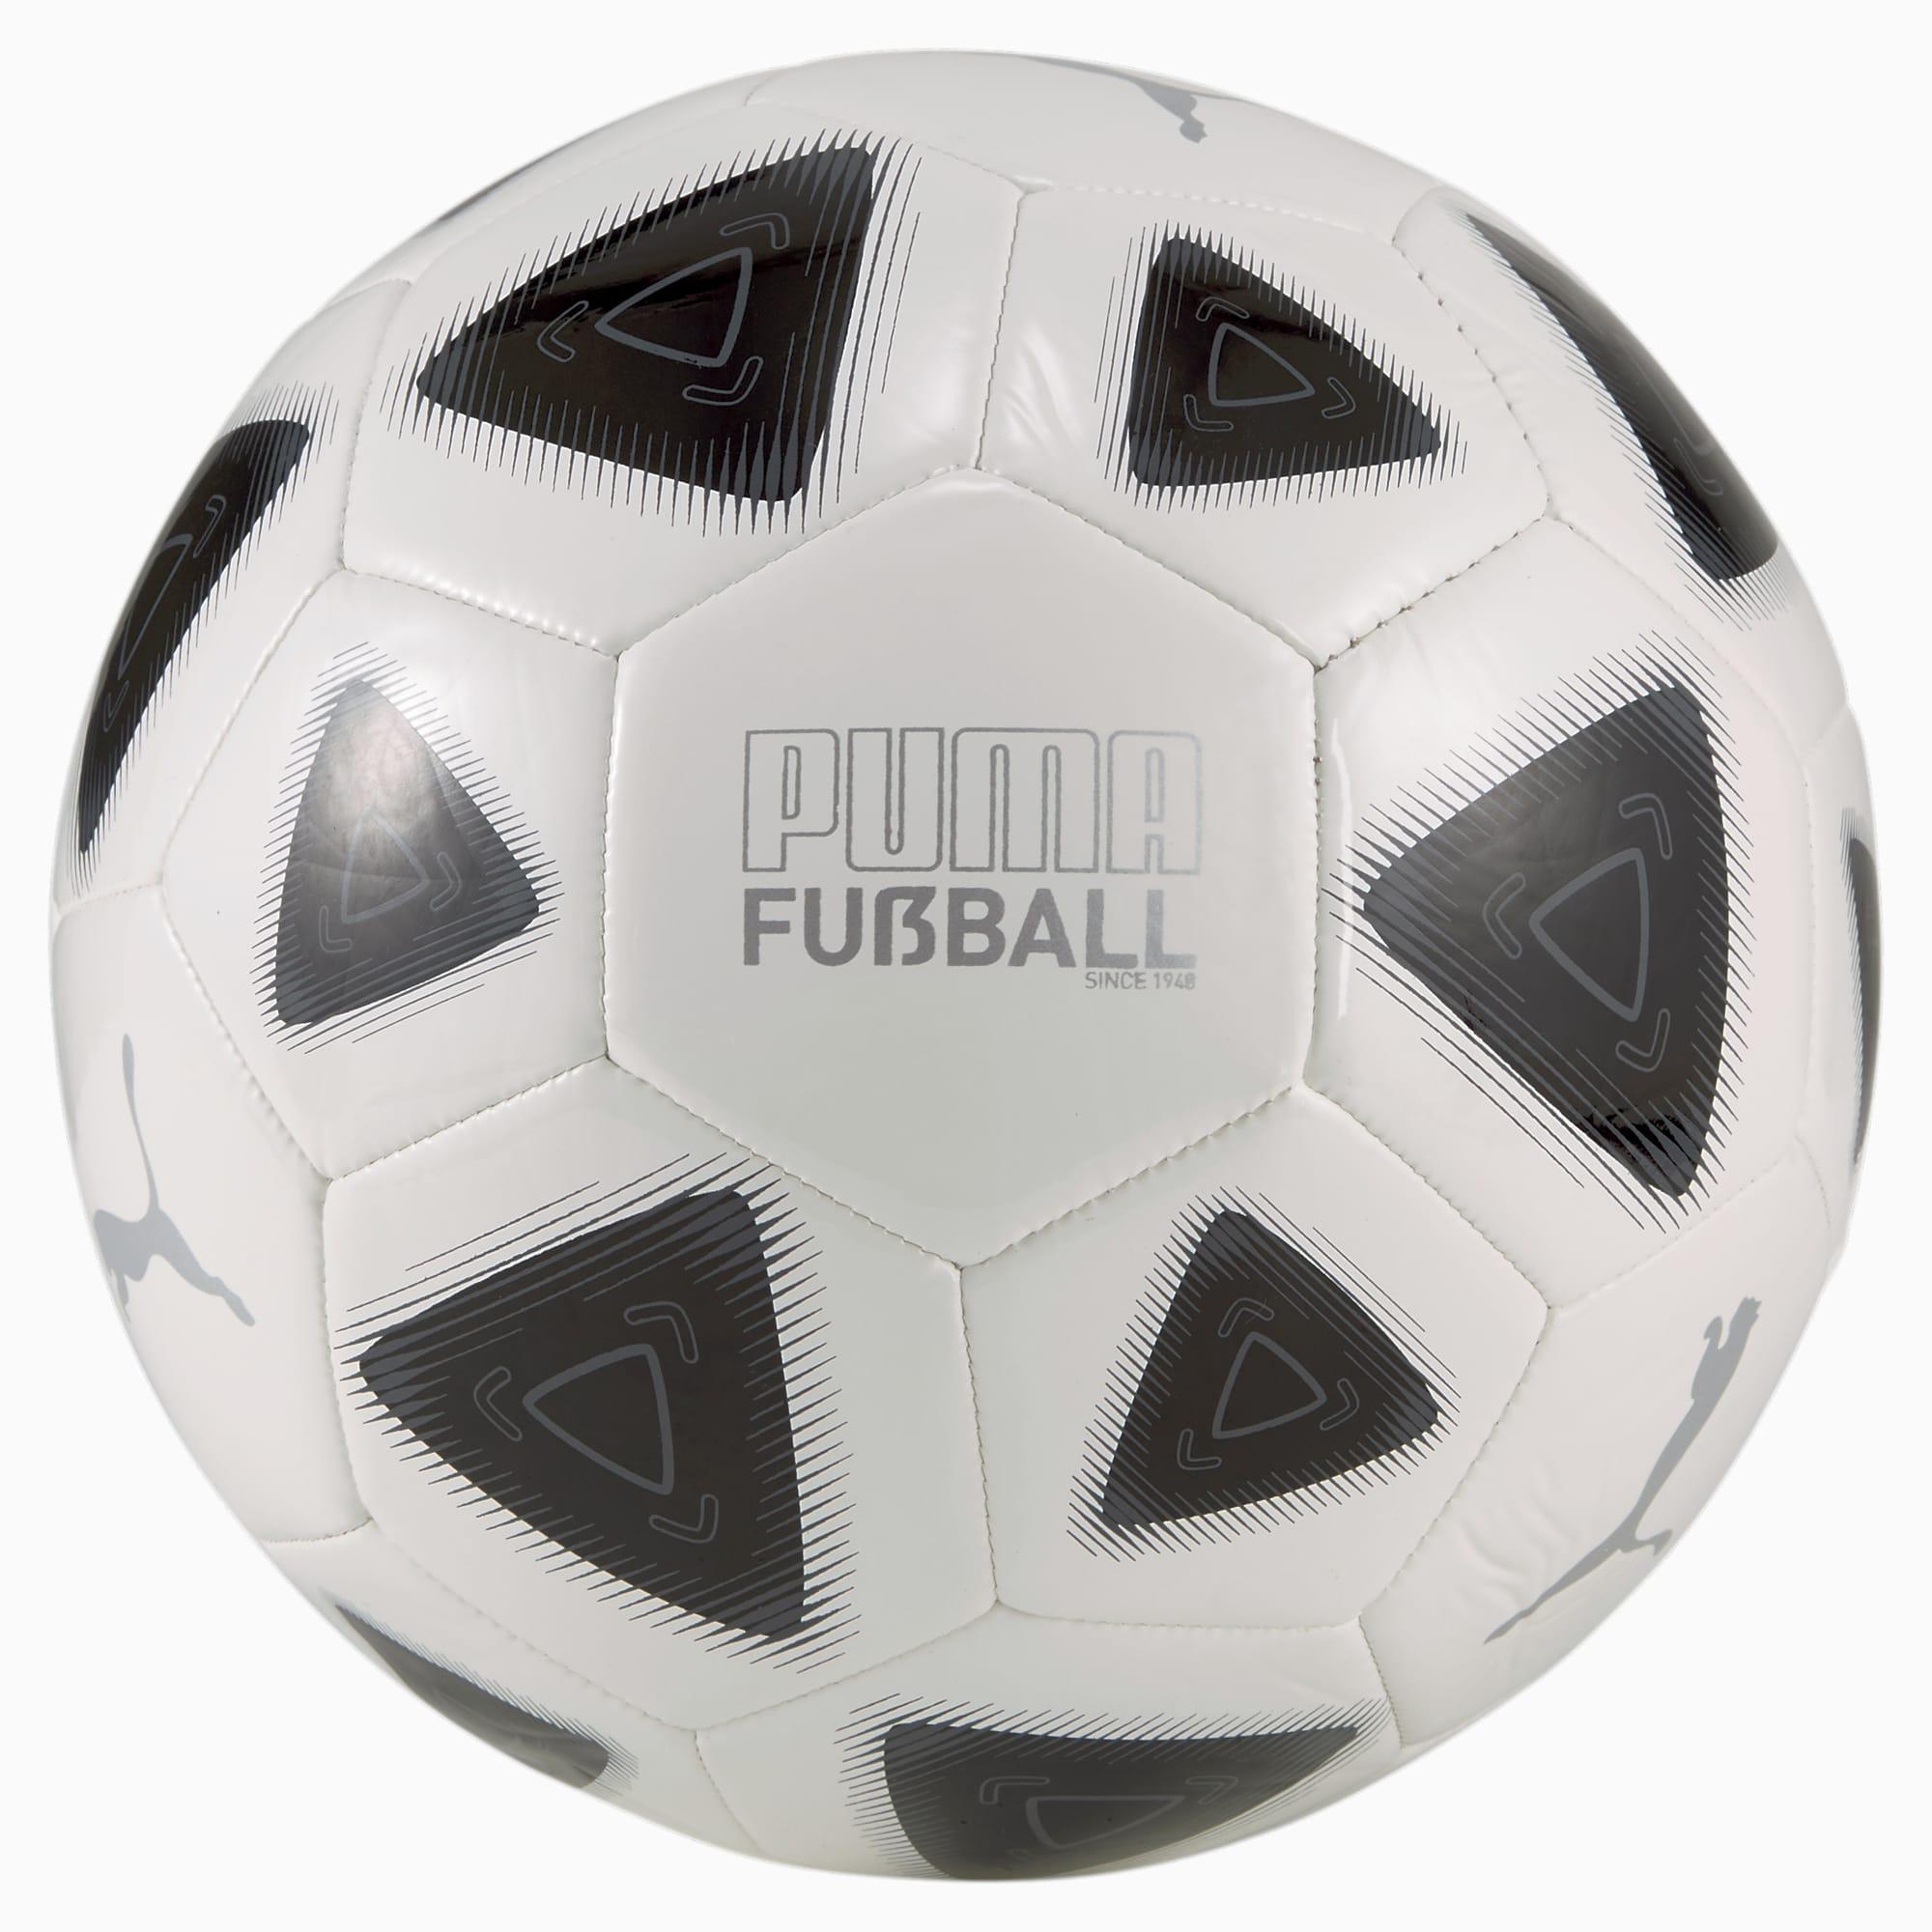 Pallone da calcio FUßBALL Prestige, Bianco/Nero, Taglia 5   PUMA